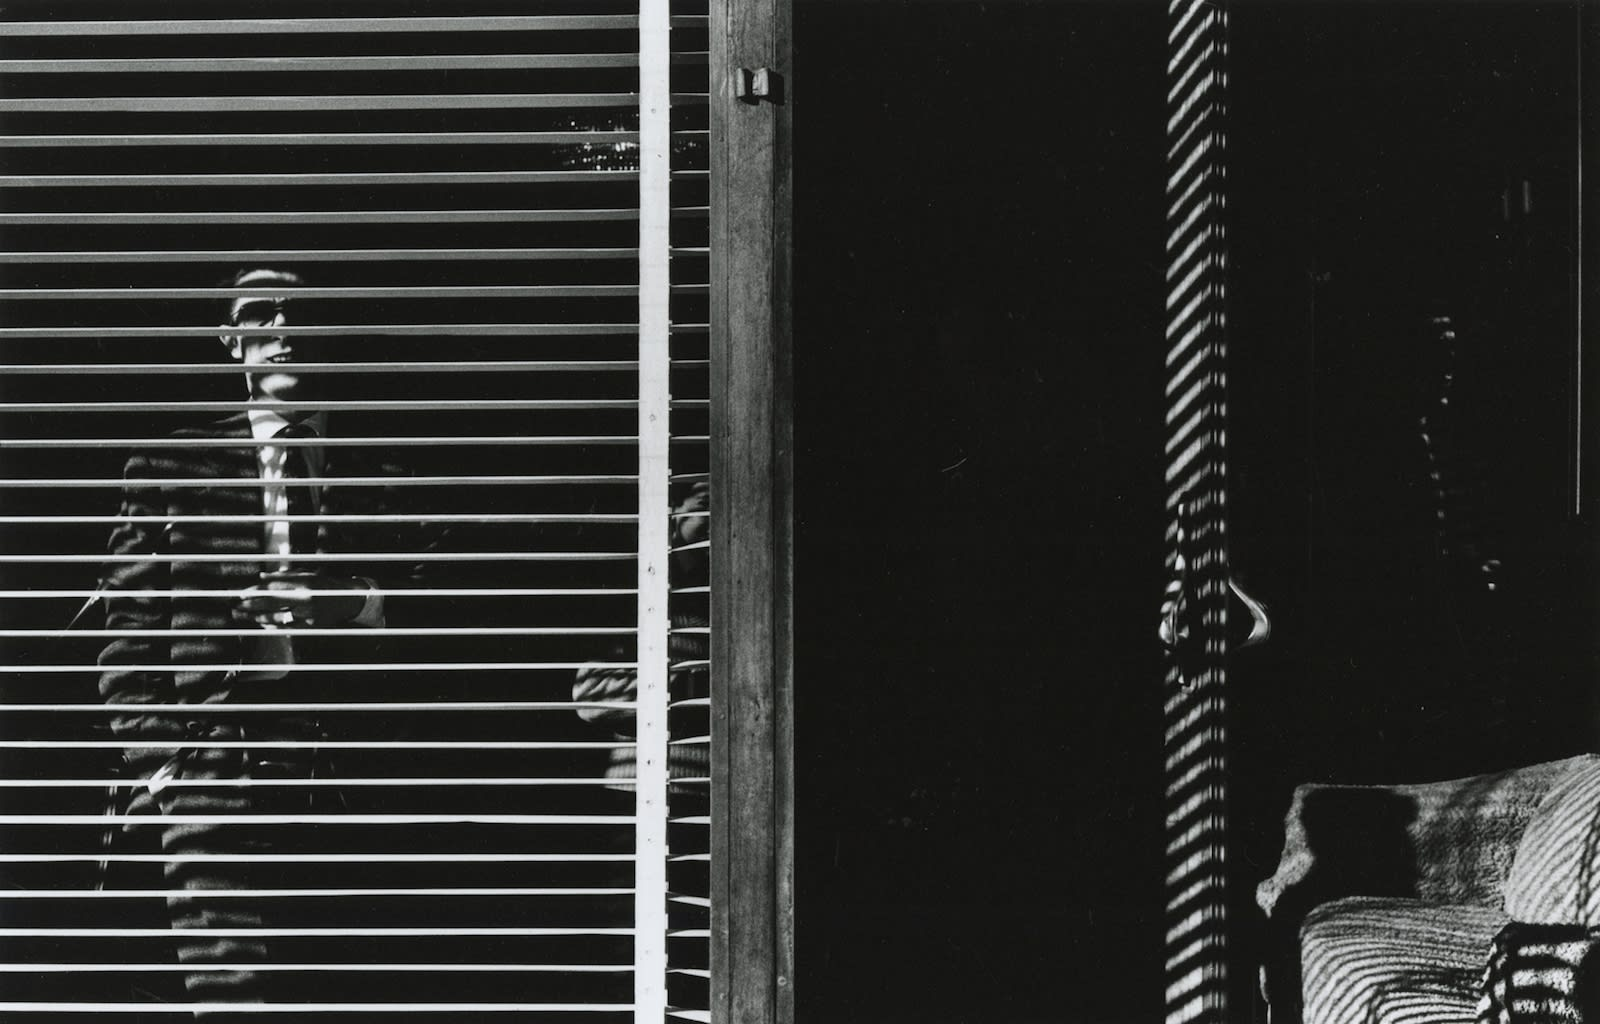 Ray K. Metzker, Alicante, Spain, 1961